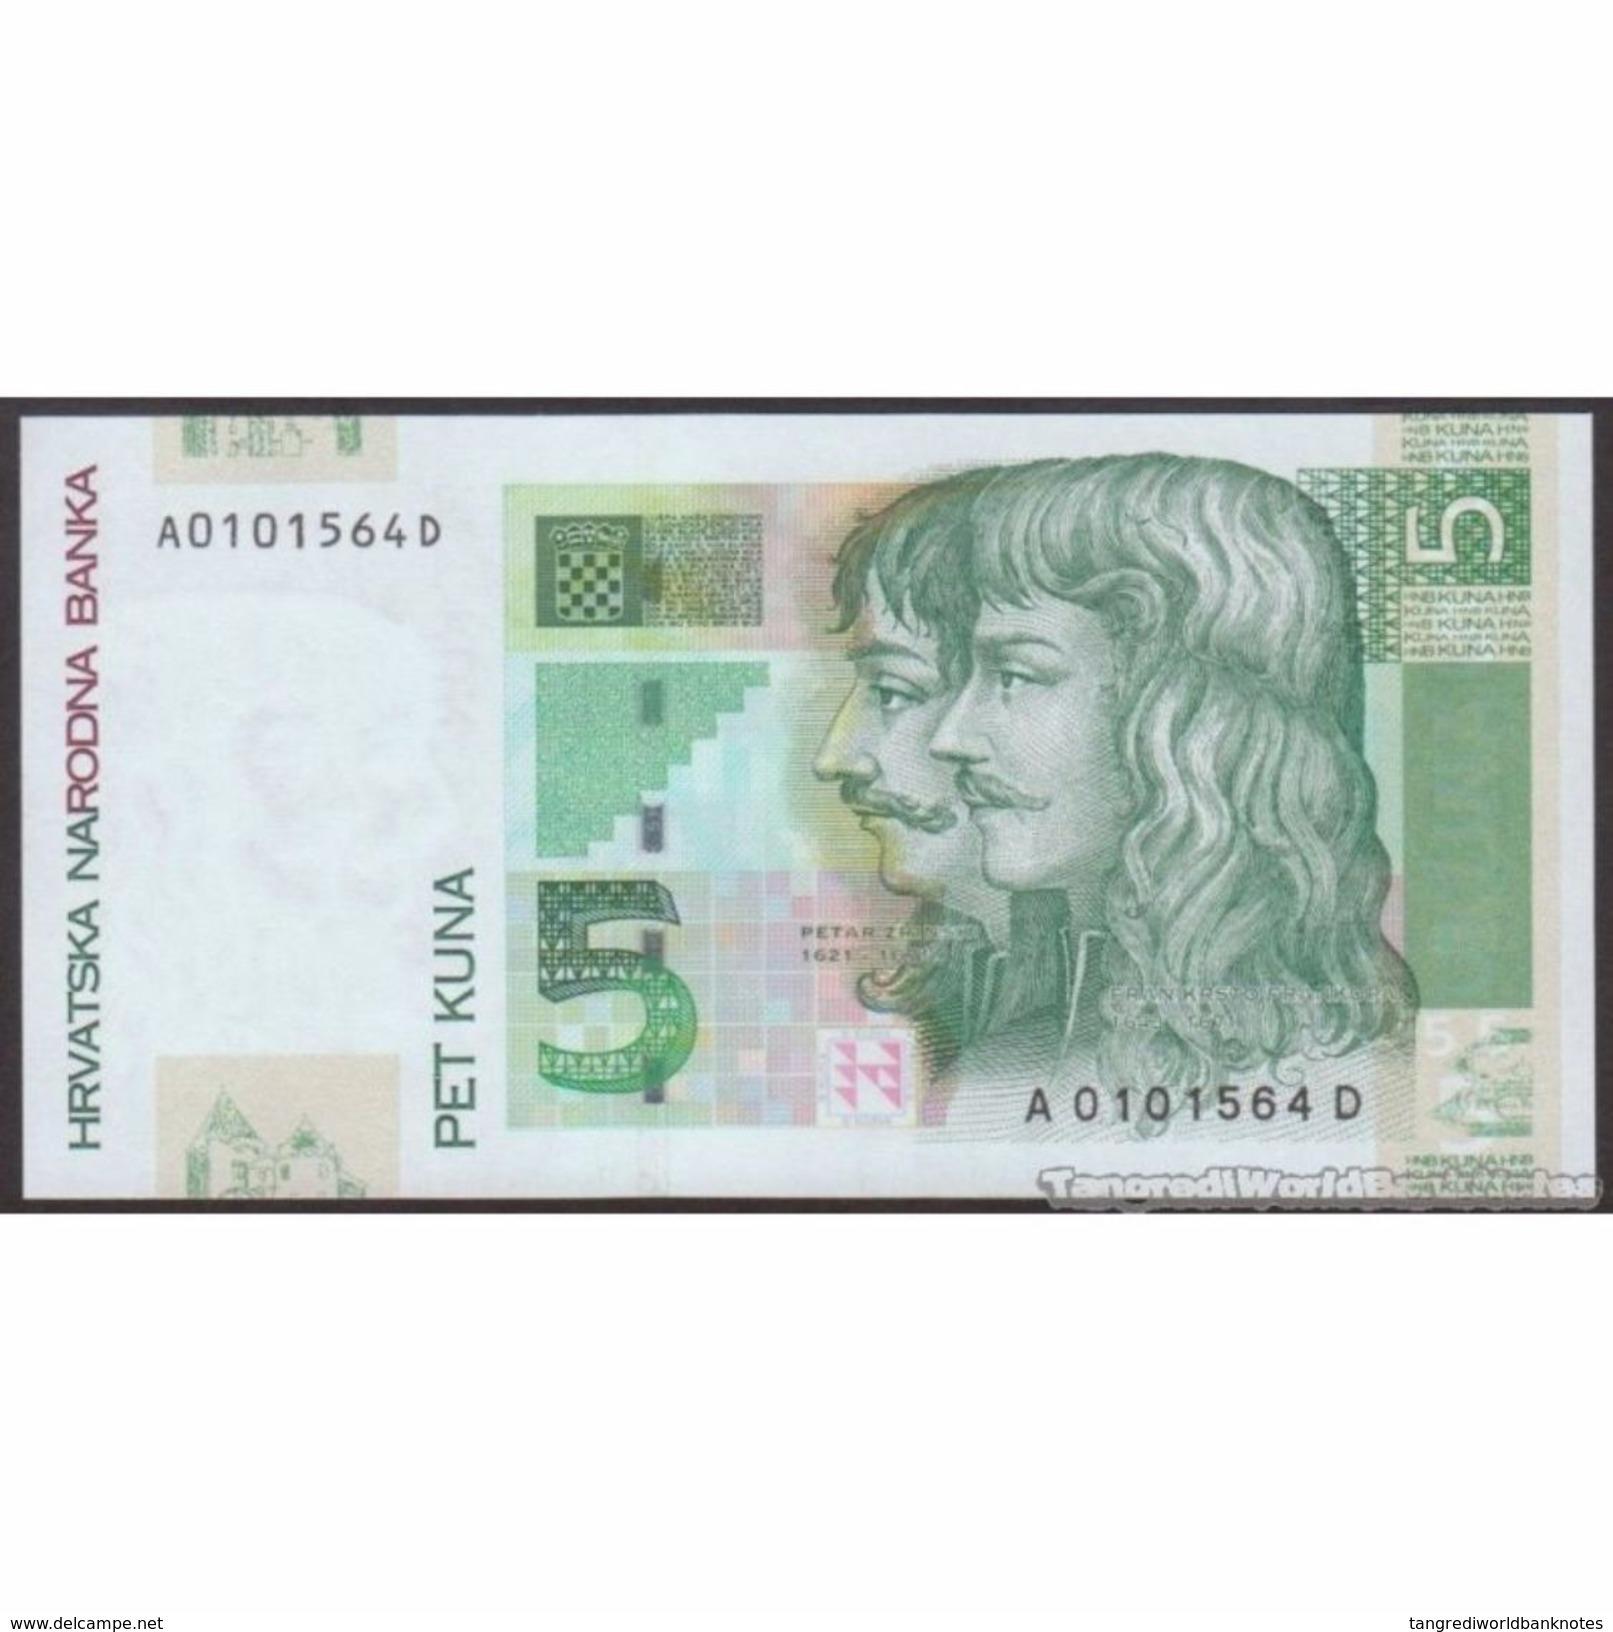 TWN - CROATIA 37 - 5 Kuna 7.3.2001 A XXXXXXX D UNC - Croatie